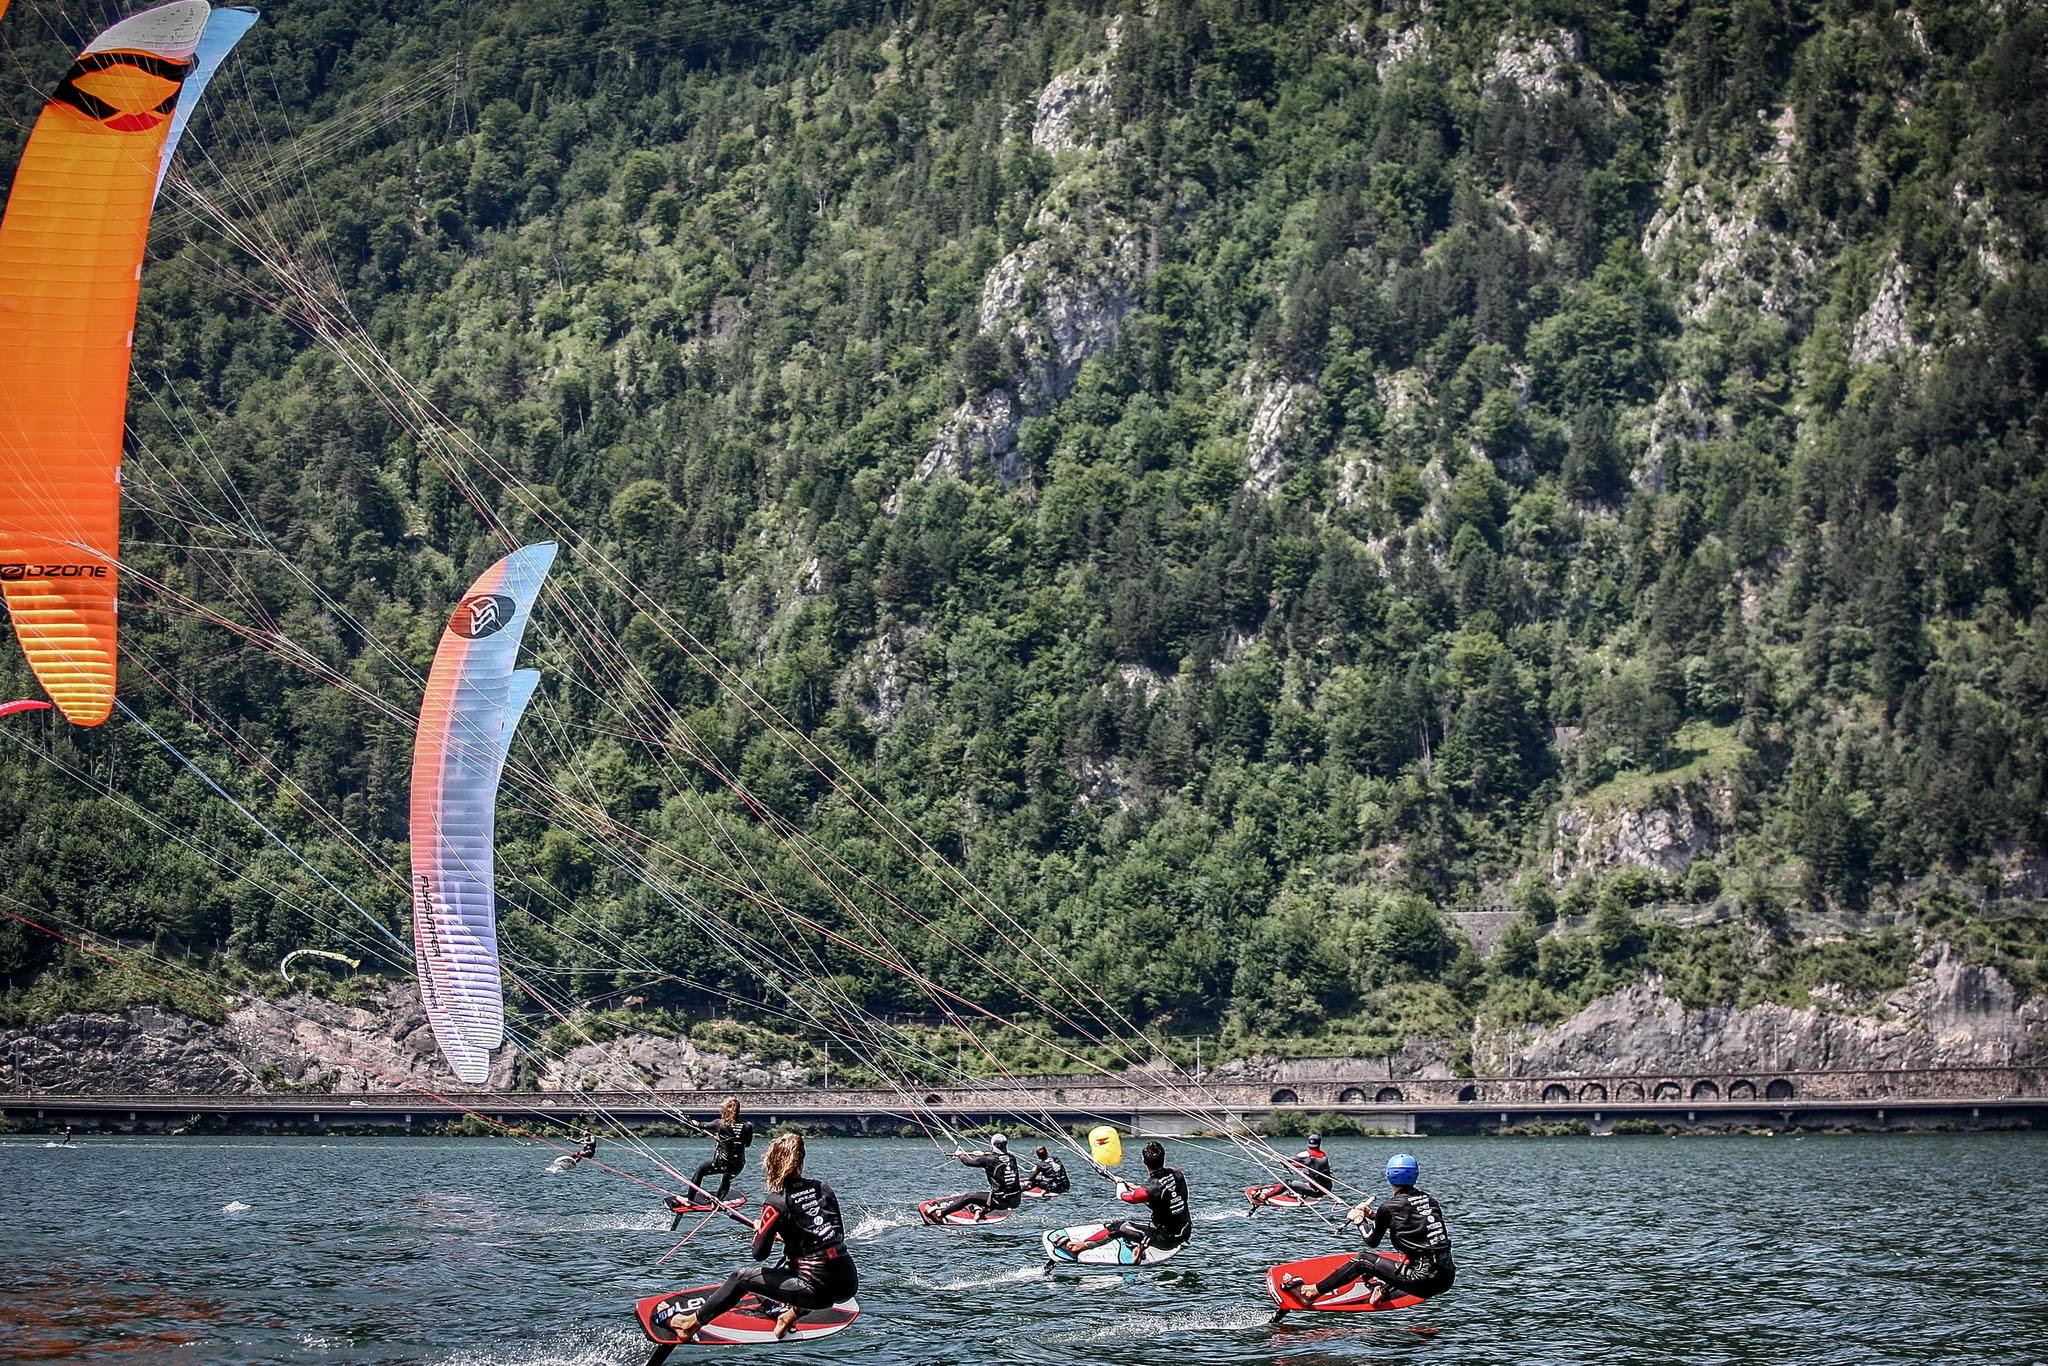 奥地利主办 KiteFoil 欧洲锦标赛